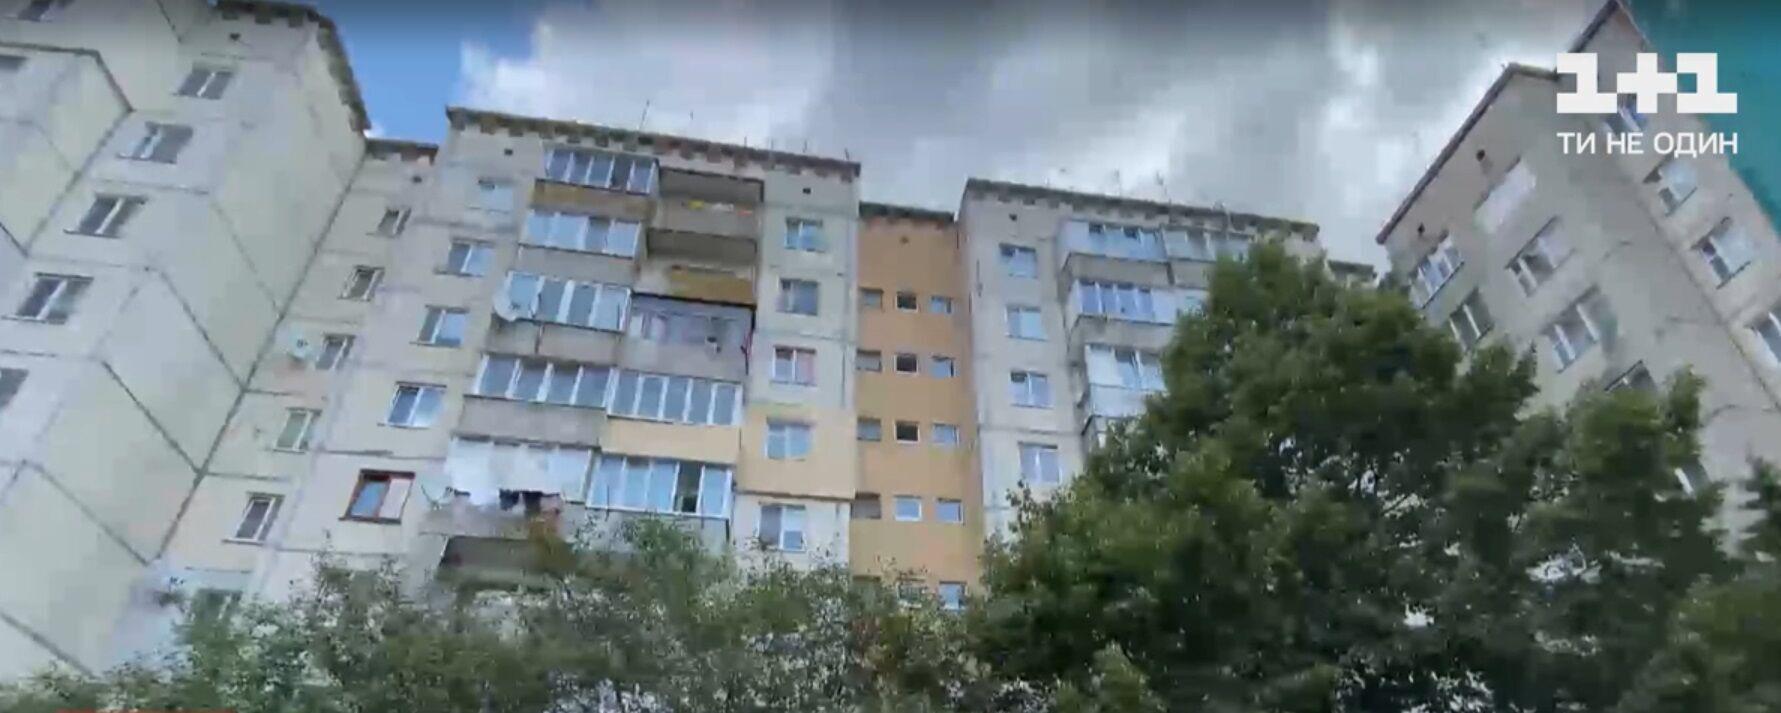 Жінка з родиною мешкає у багатоповерхівці.